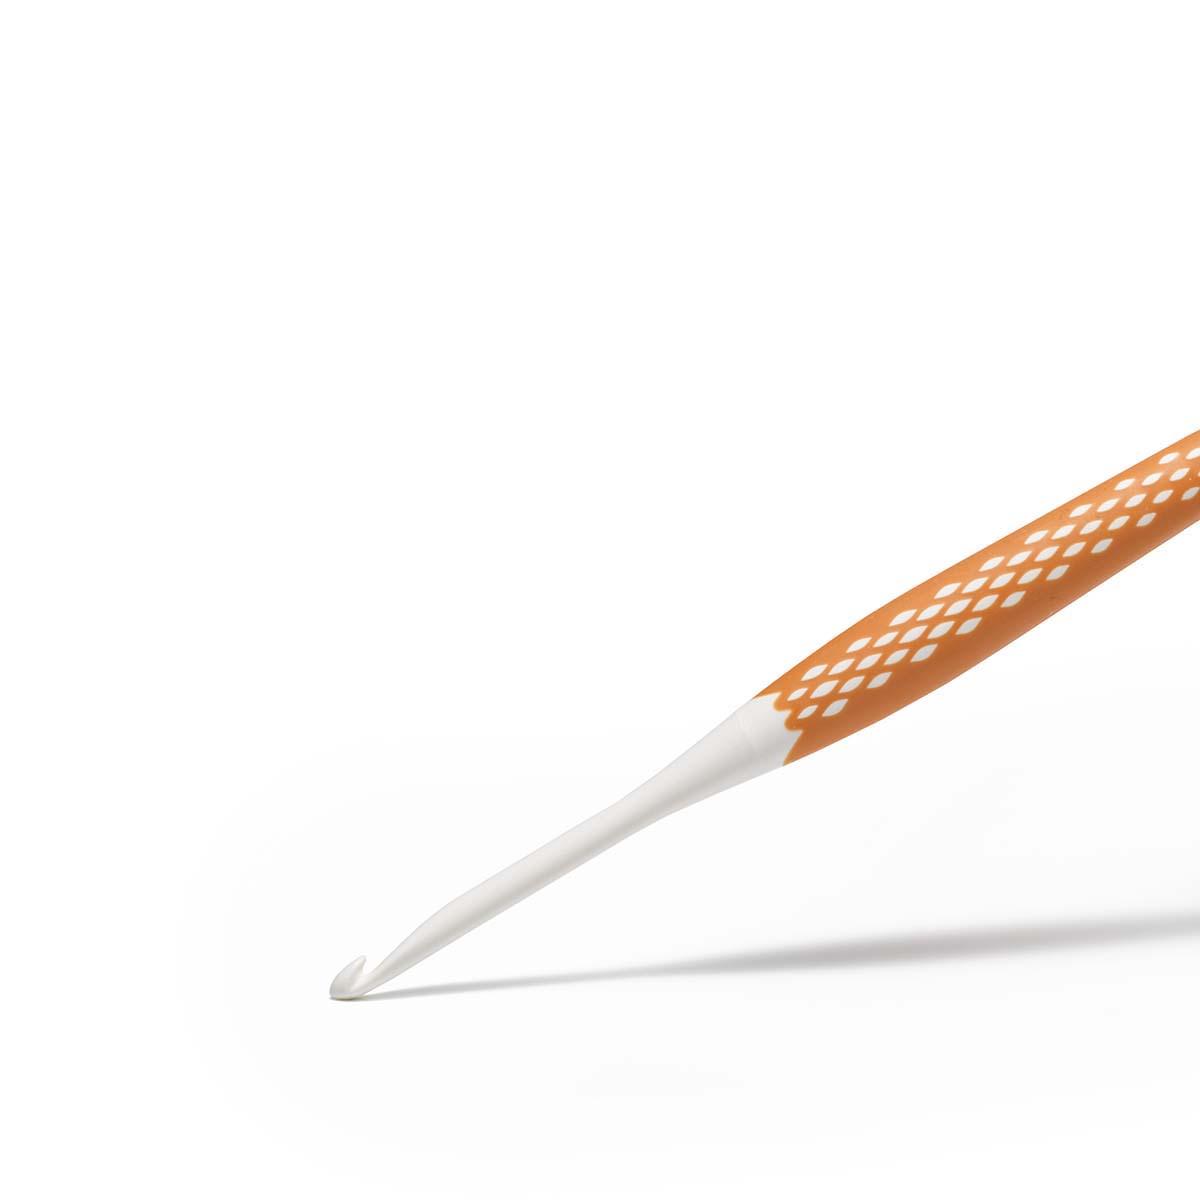 218486 Крючок для вязания Ergonomics 4,5мм/16см Prym